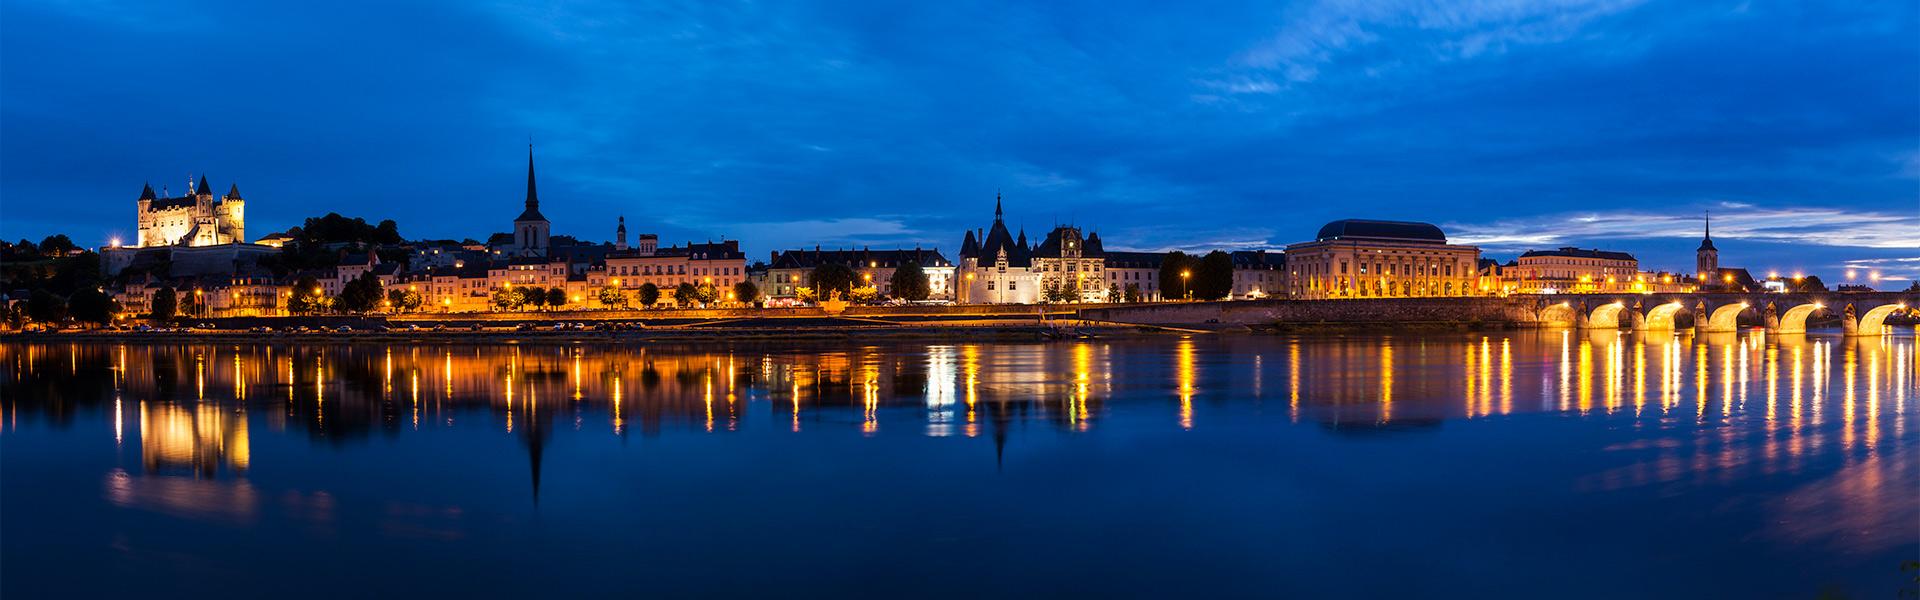 Camping Pays de la Loire